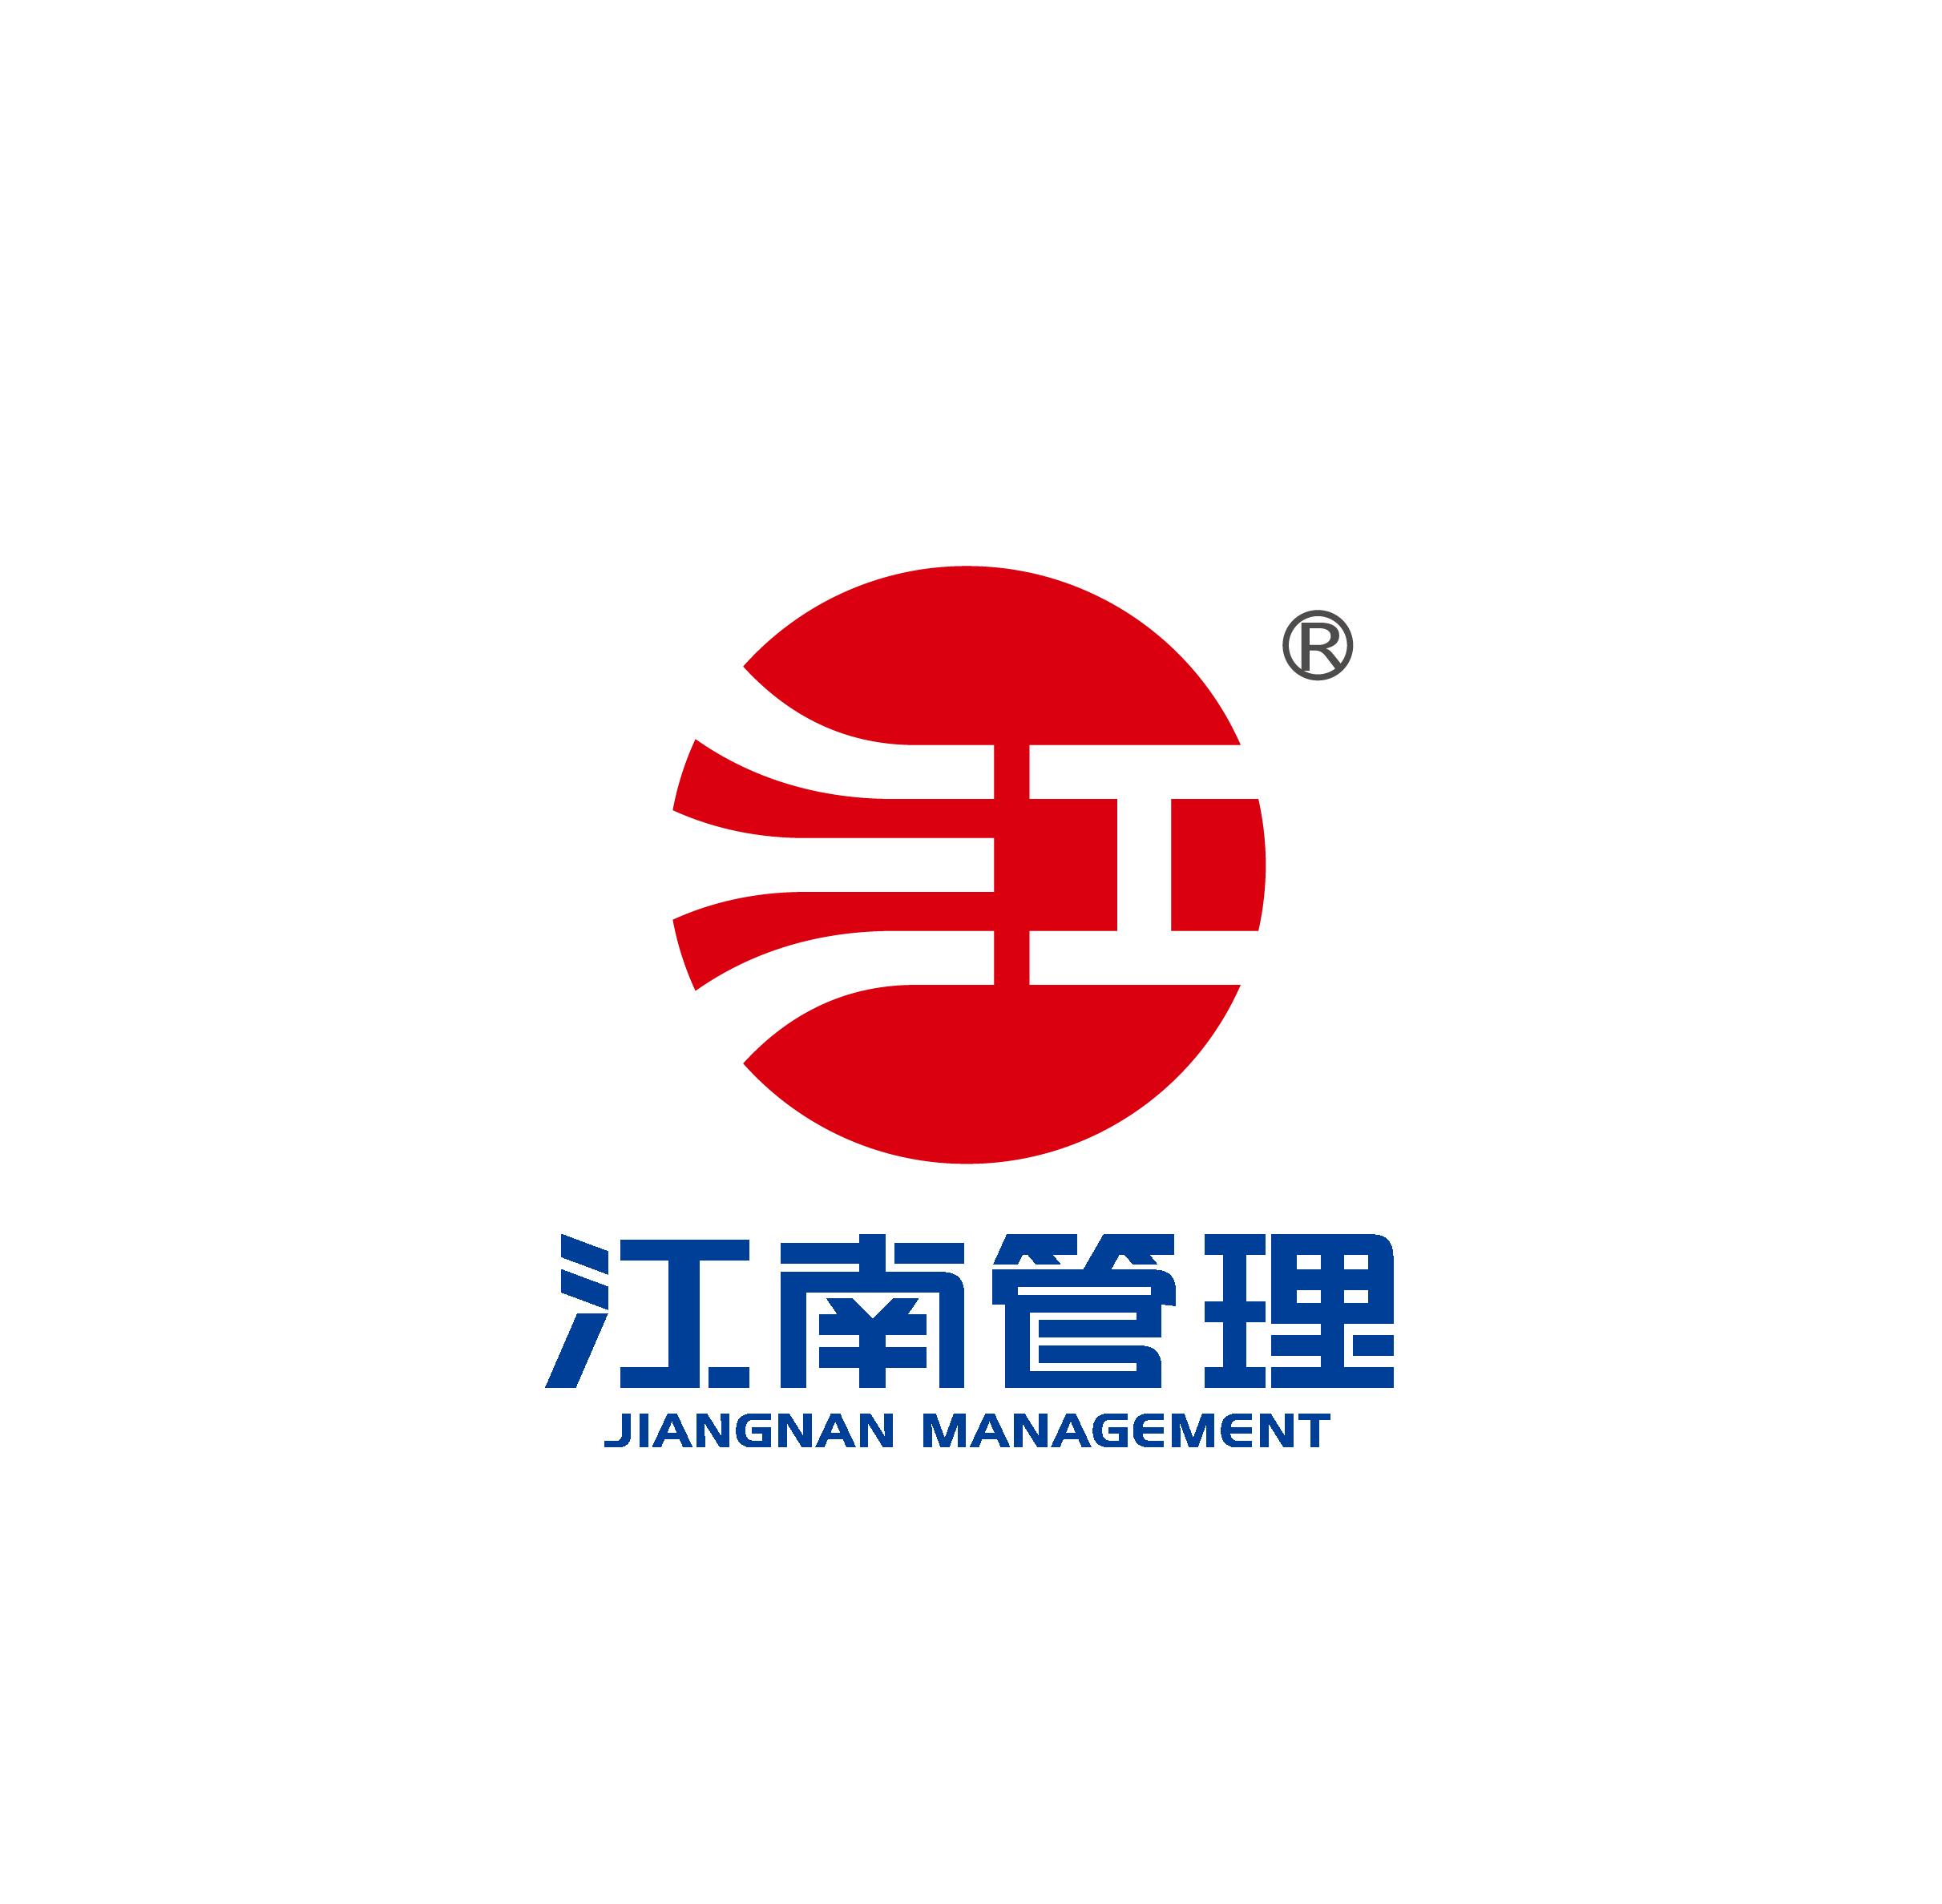 浙江江南工程管理股份有限公司最新招聘信息